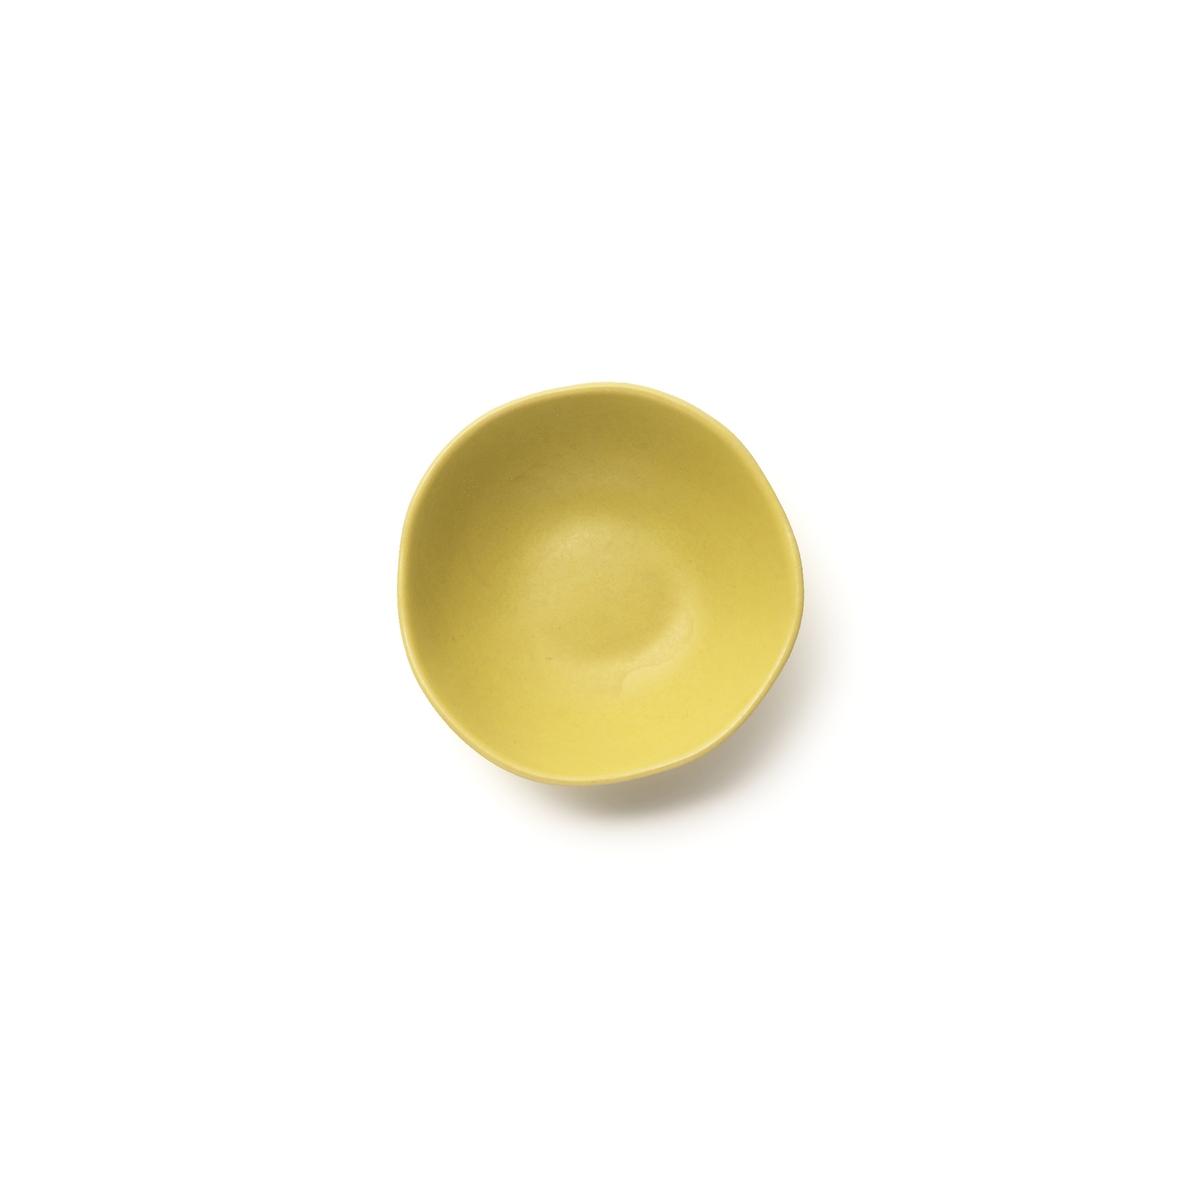 Пиала La Redoute Из керамики покрытой глазурью Aoki единый размер желтый apple aoki fruit